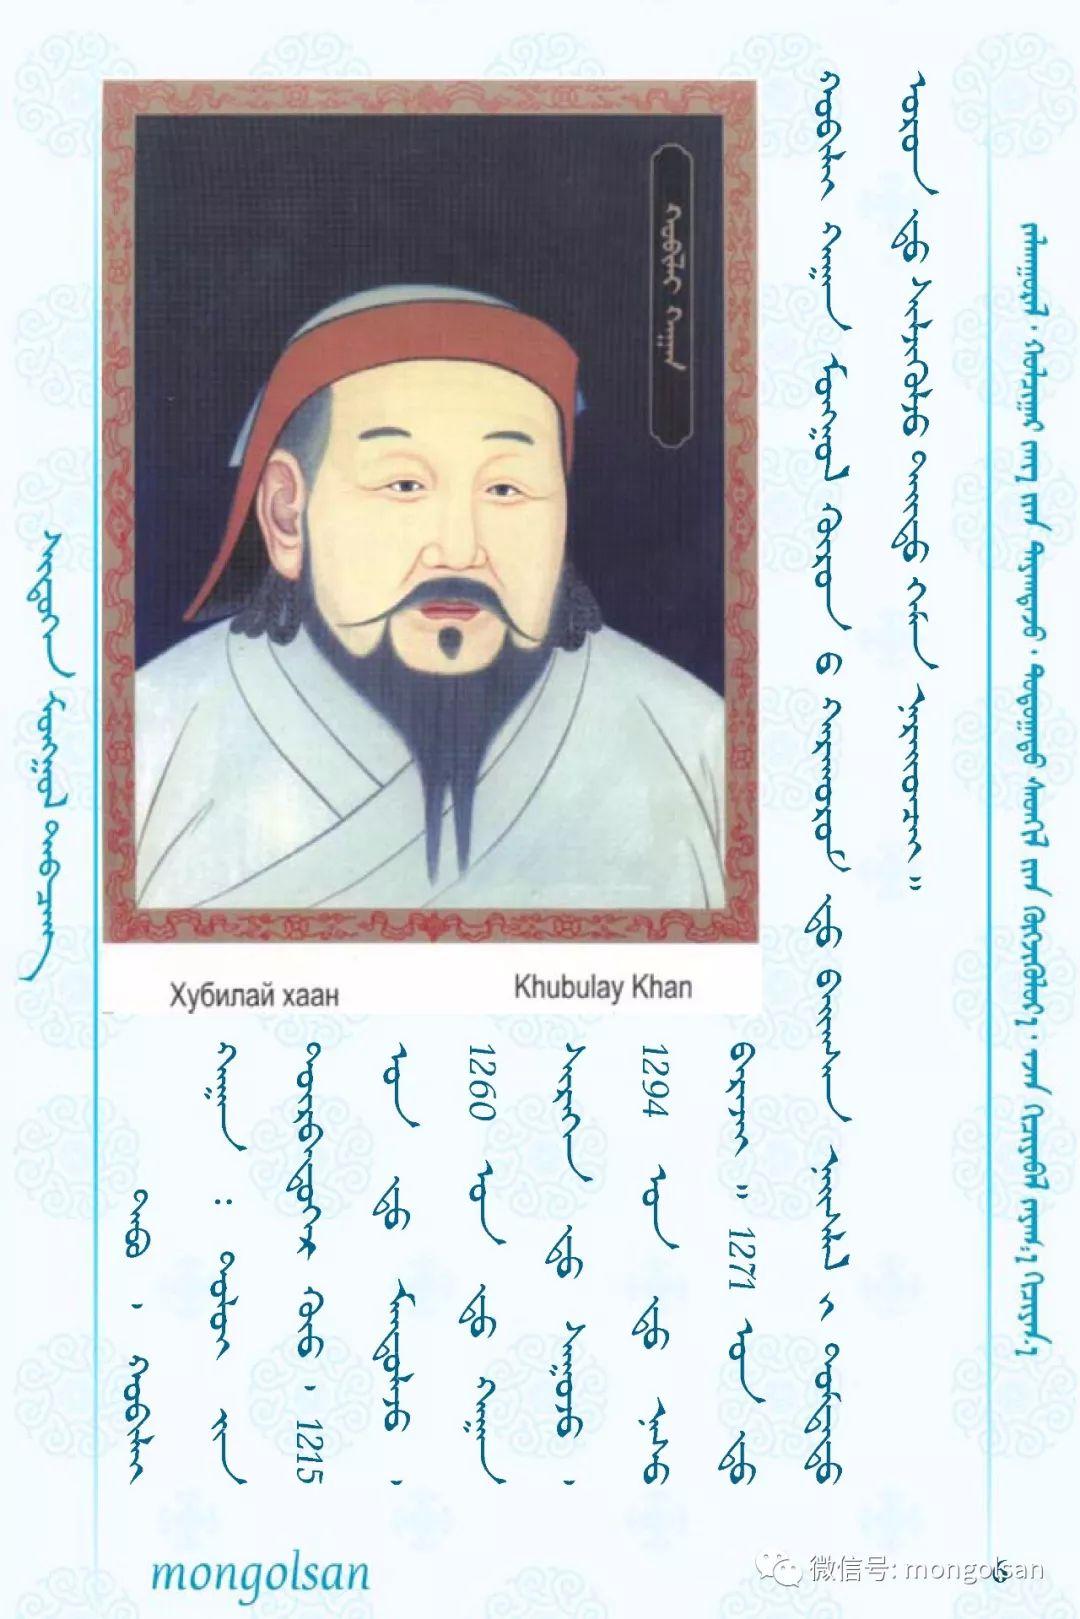 【关注】蒙古皇帝列表 第6张